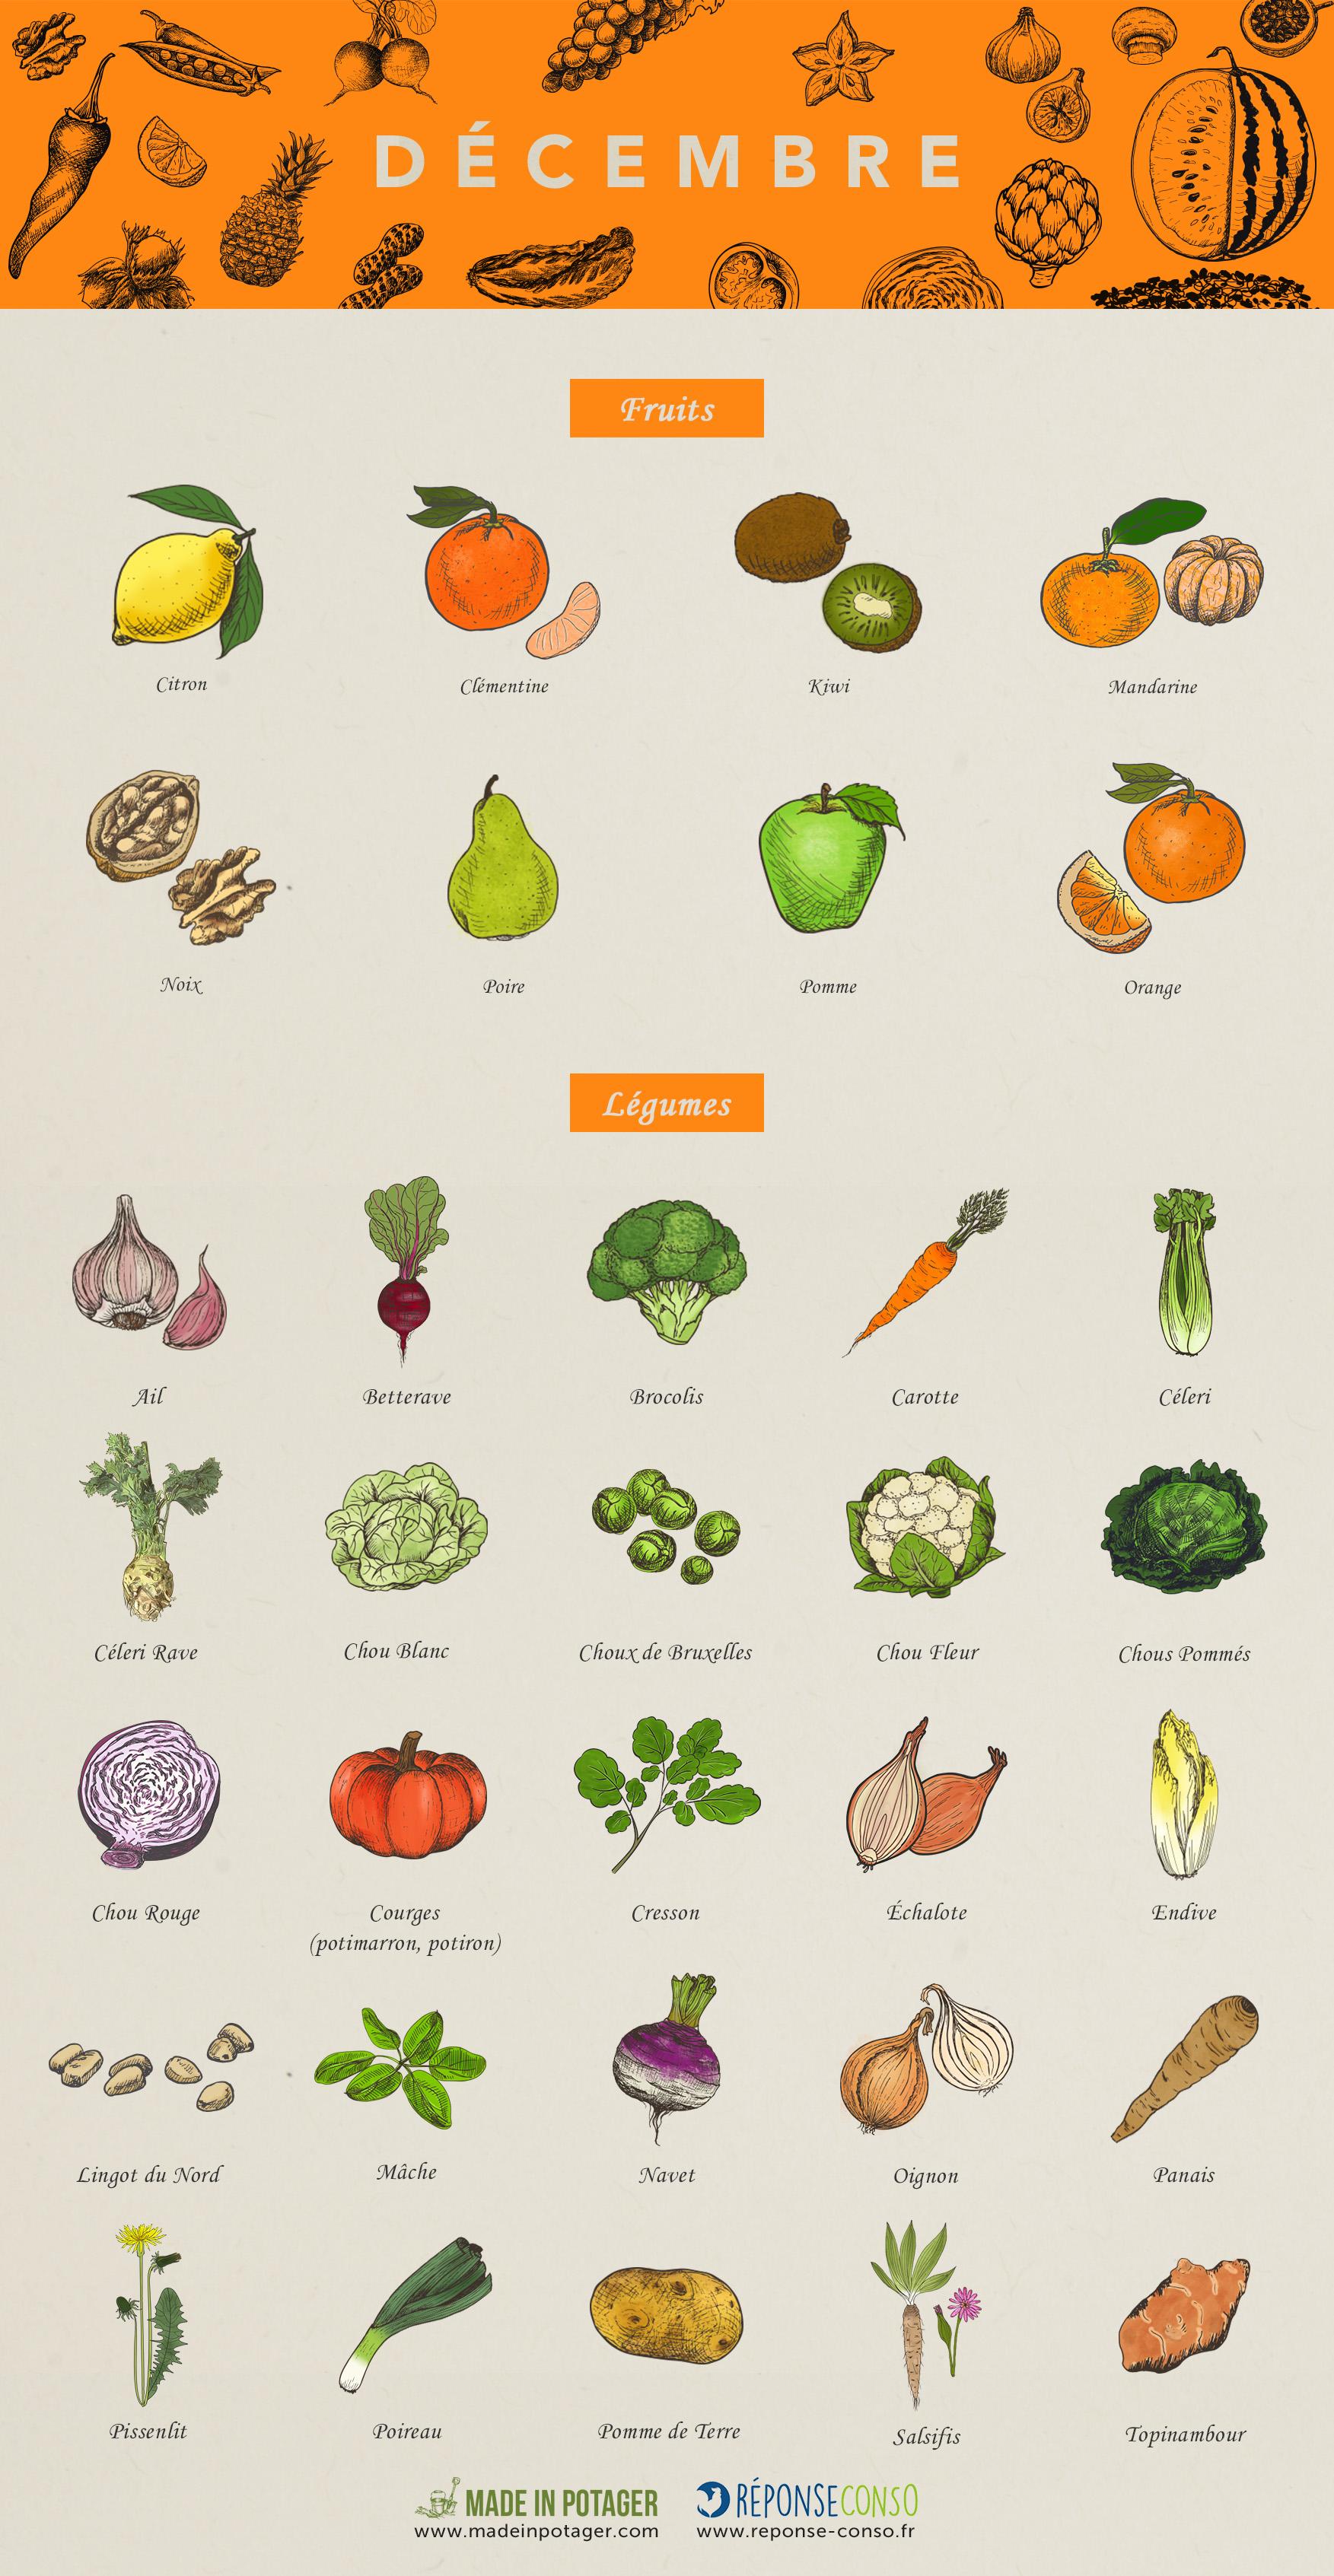 Connu Décembre : les fruits et légumes de saison - Reponse Conso WR61